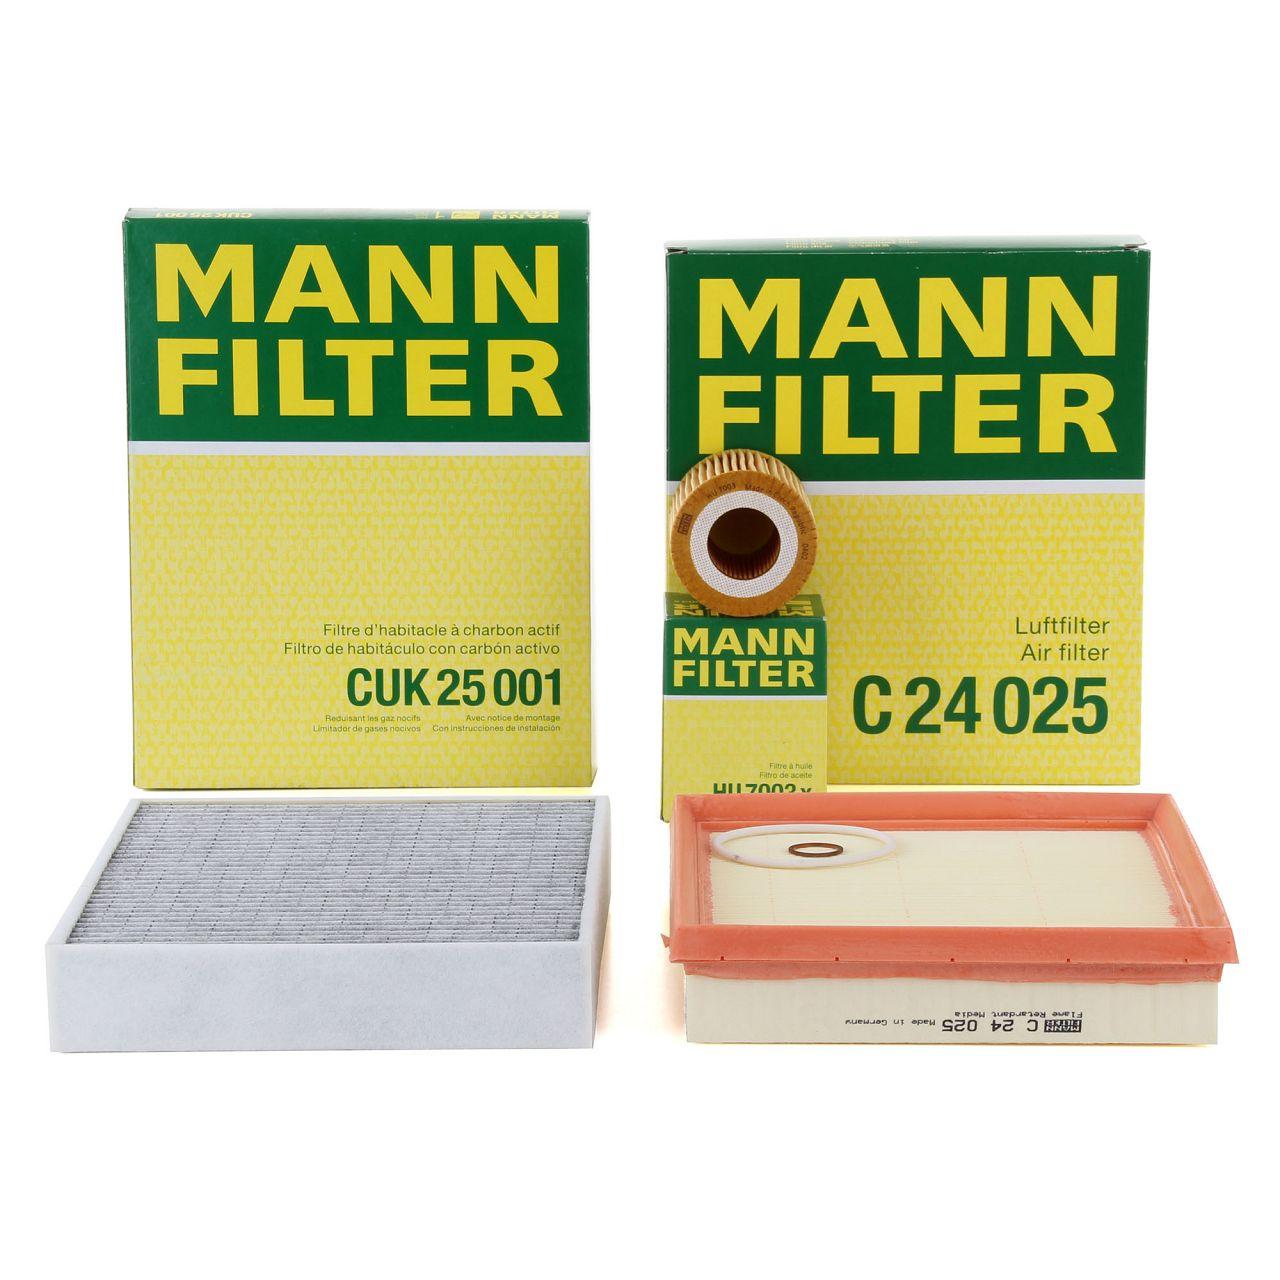 MANN Filterset für BMW F20 F21 114-120i F30 F31 316i 320i 102/136/170/177 PS